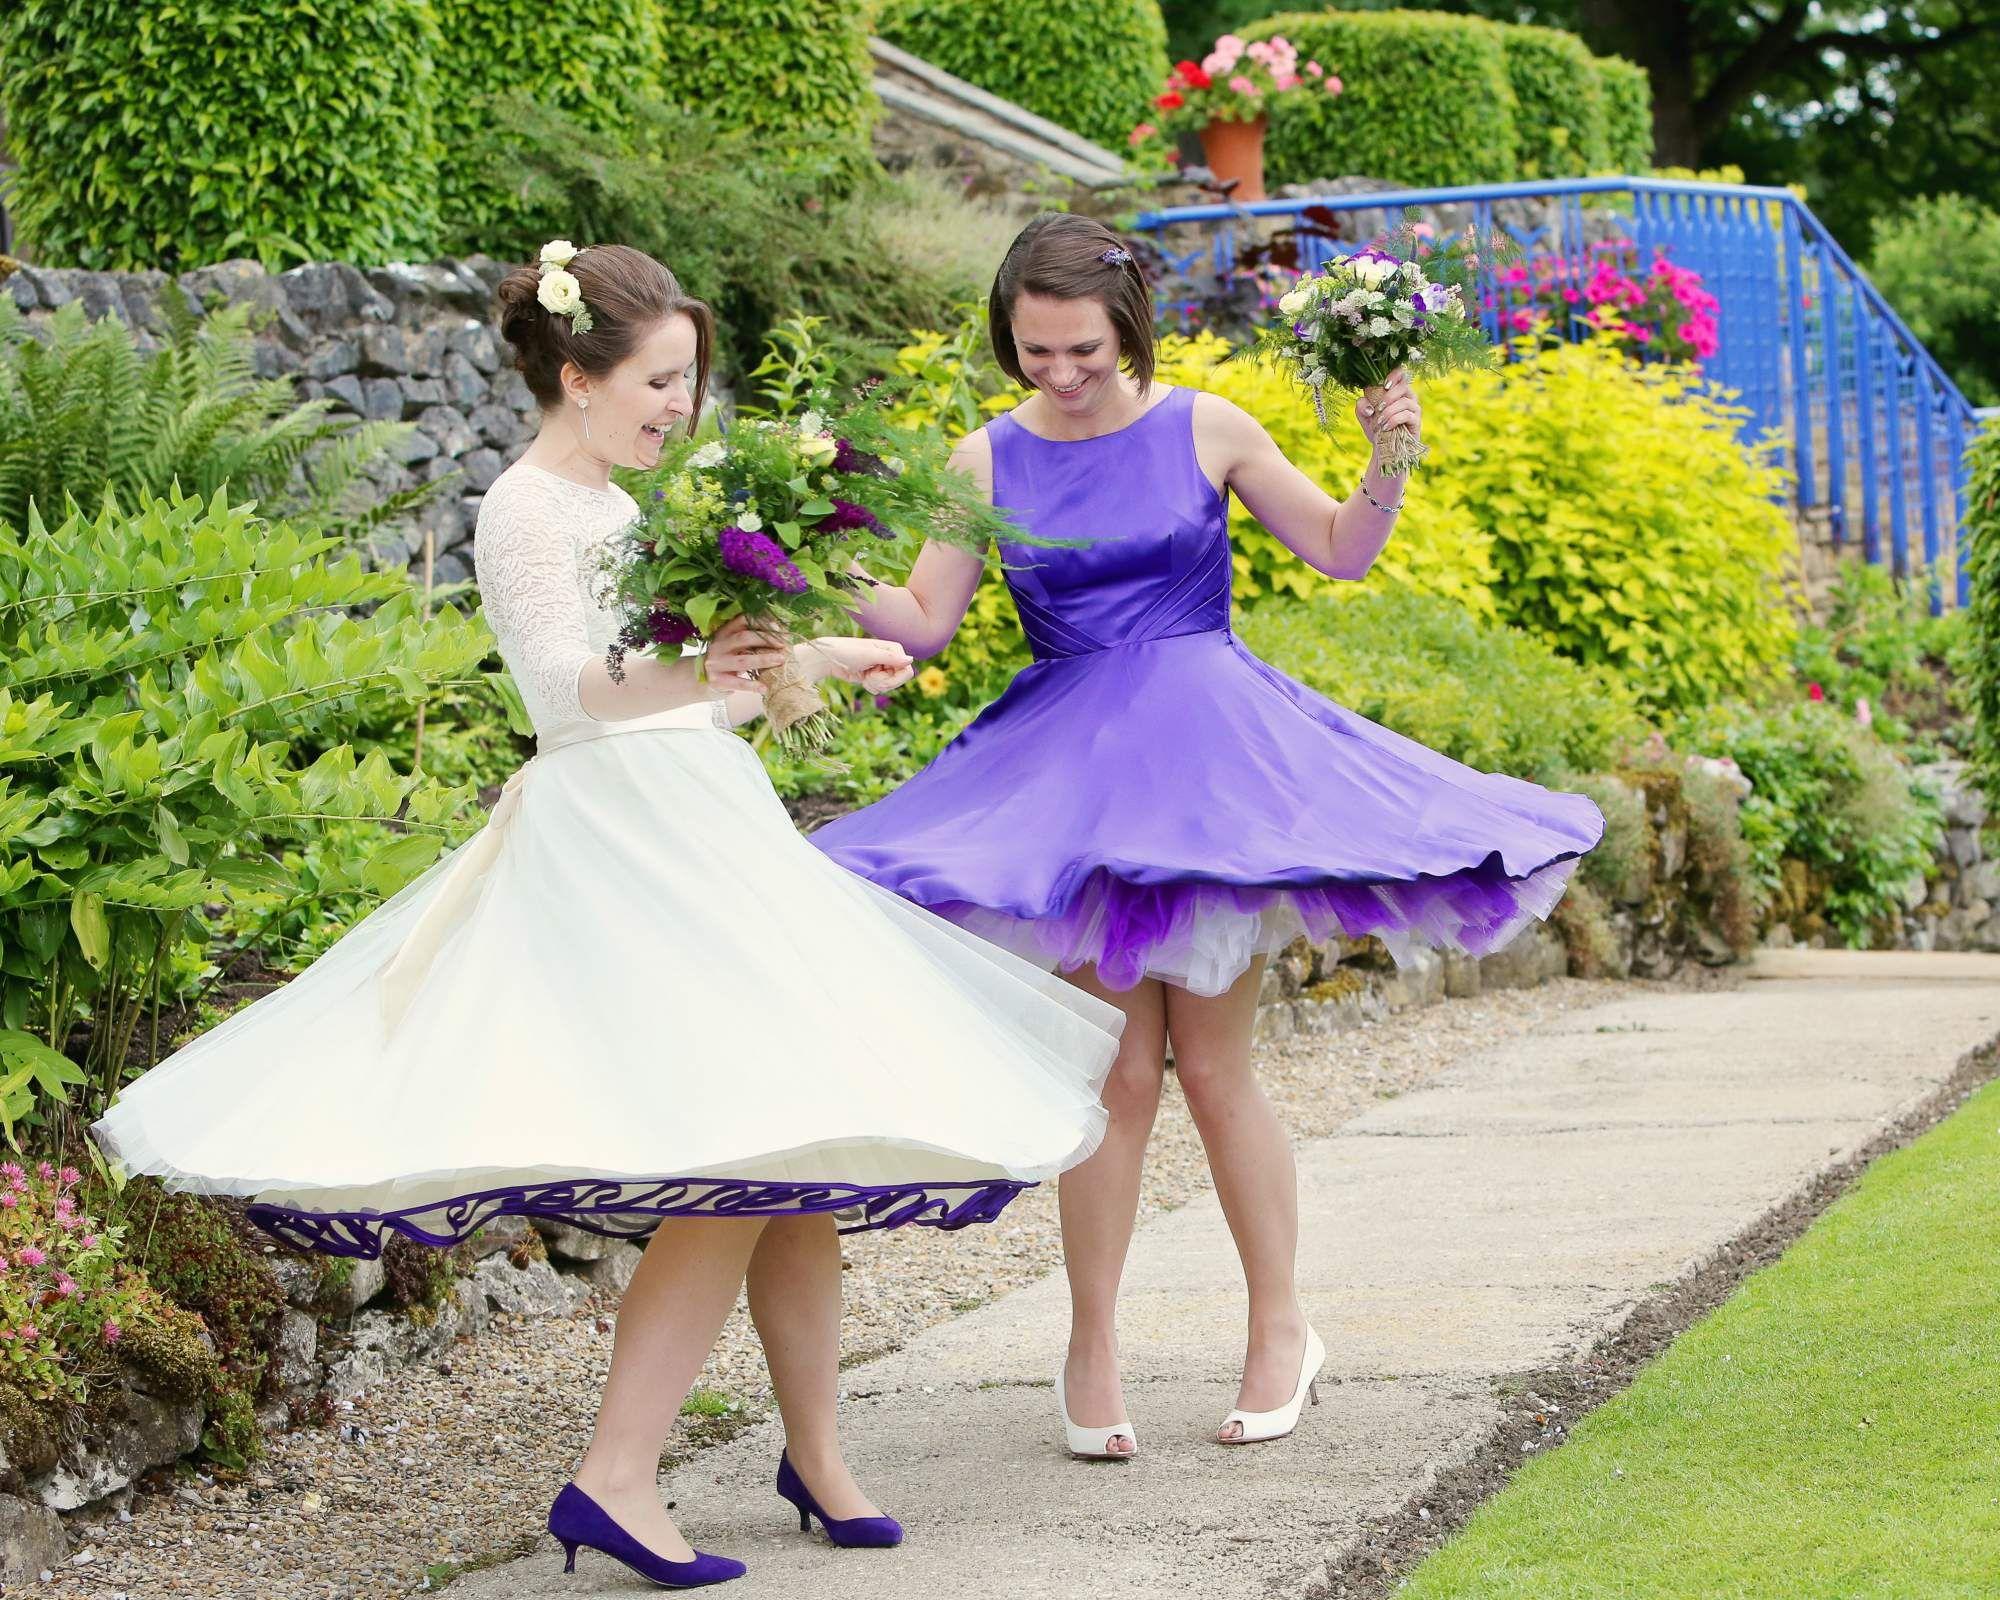 Fur coat no knickers our brides dresses pinterest s